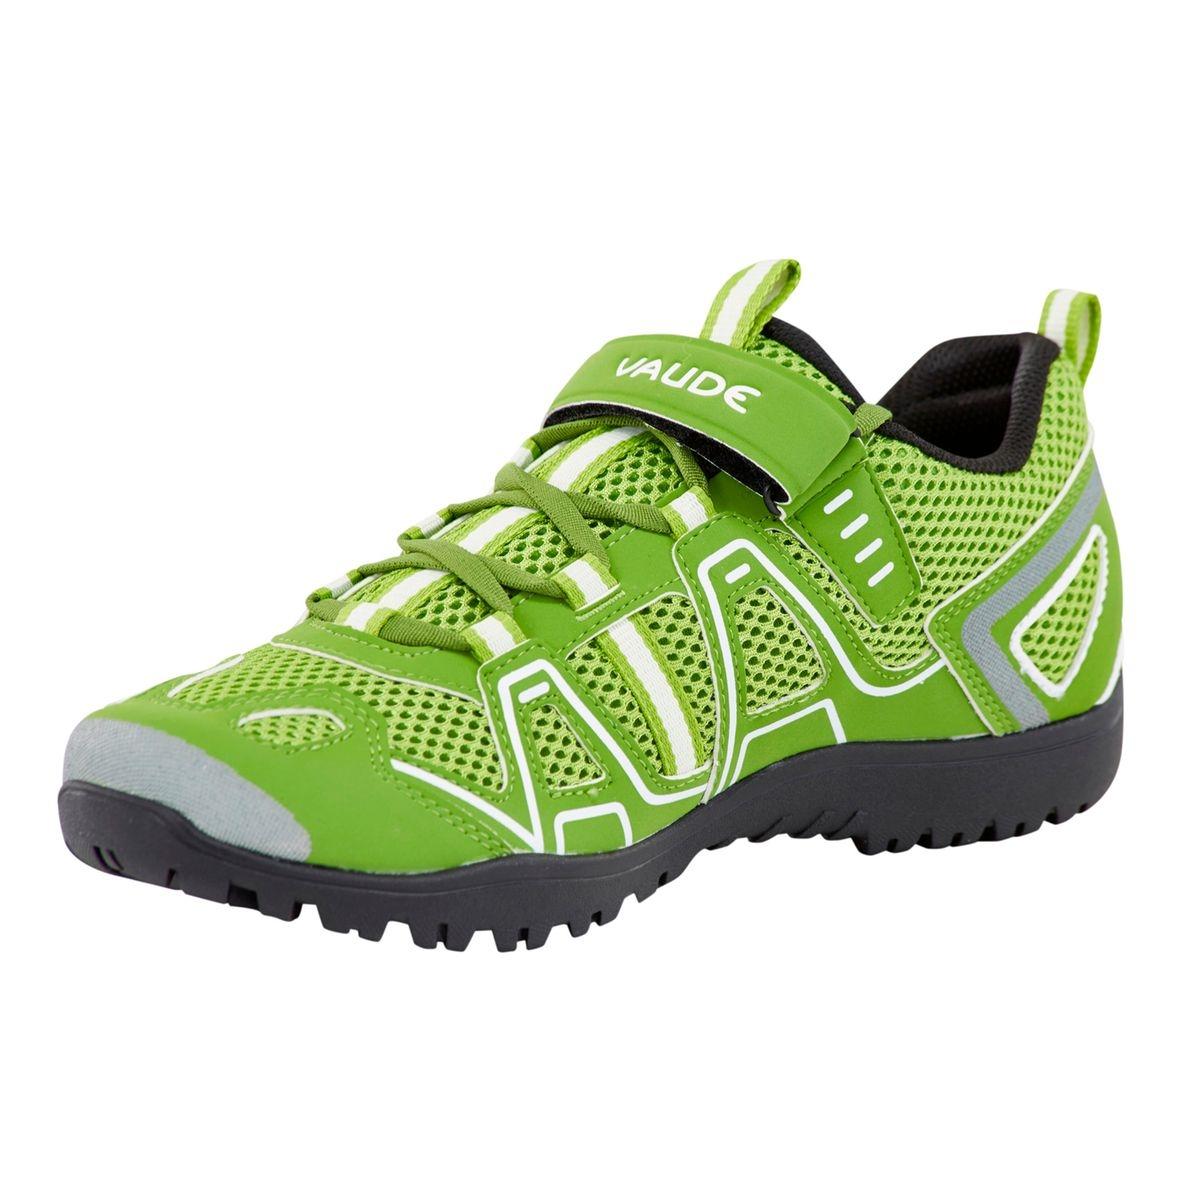 Yara TR - Chaussures trekking homme - vert